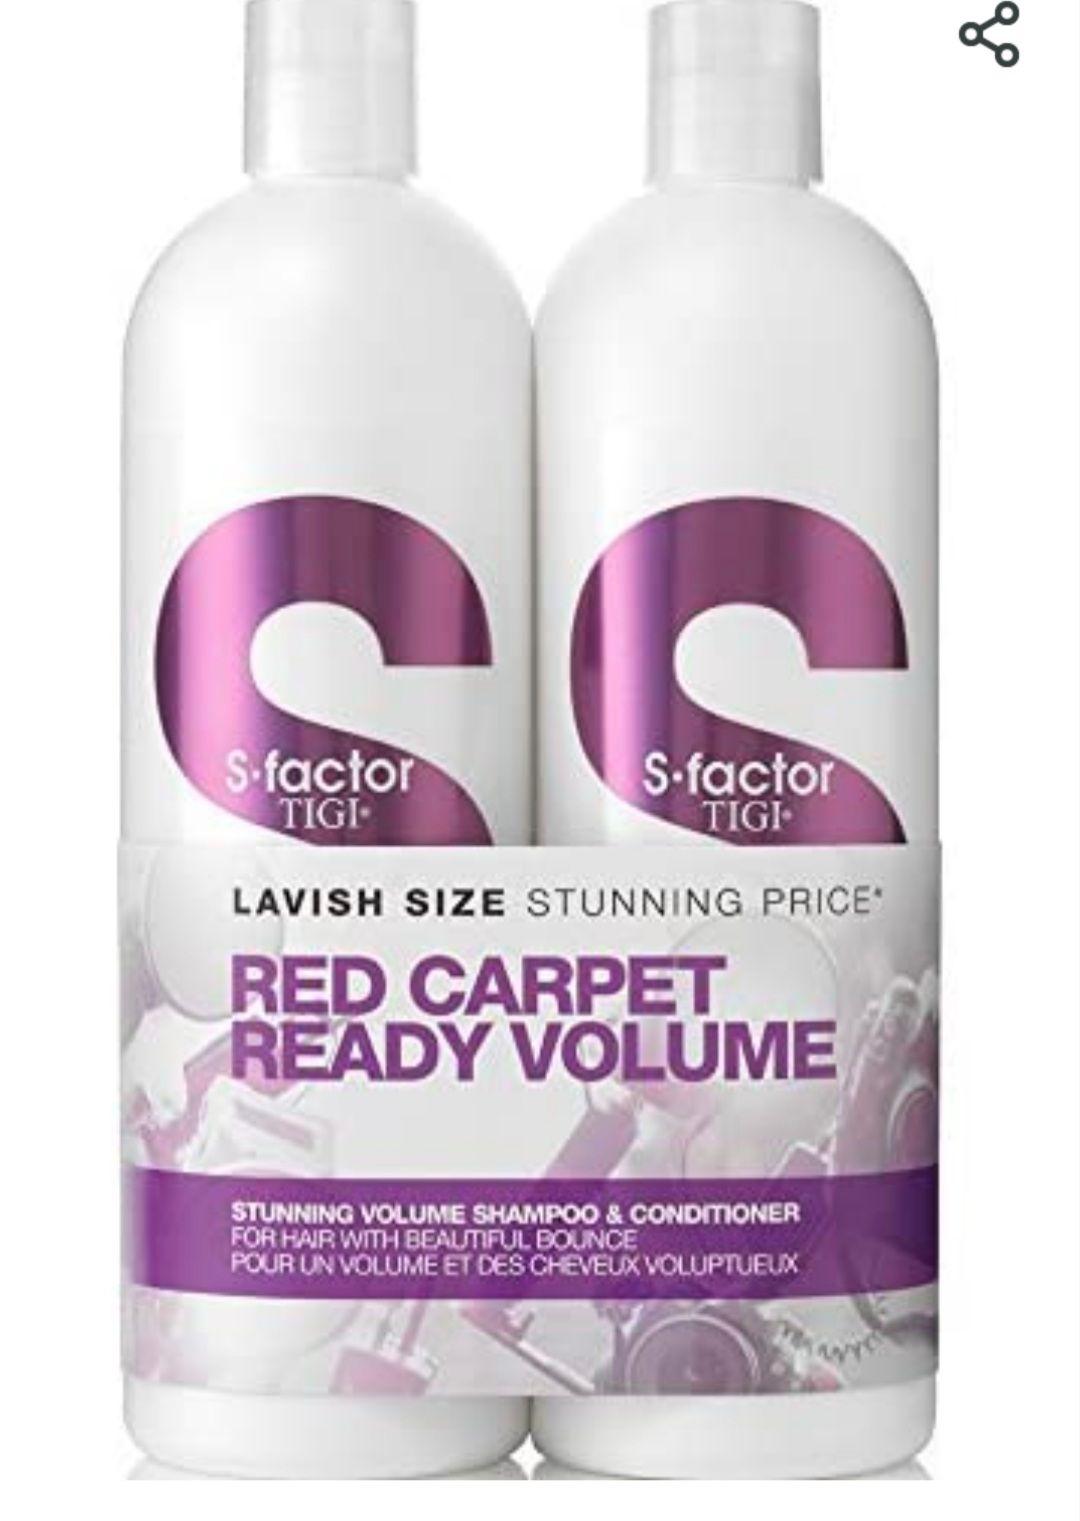 Tigi S Factor Red Carpet Ready Volume Shampoo and Conditioner 2x 750ml - £6.77 Amazon Prime Exclusive